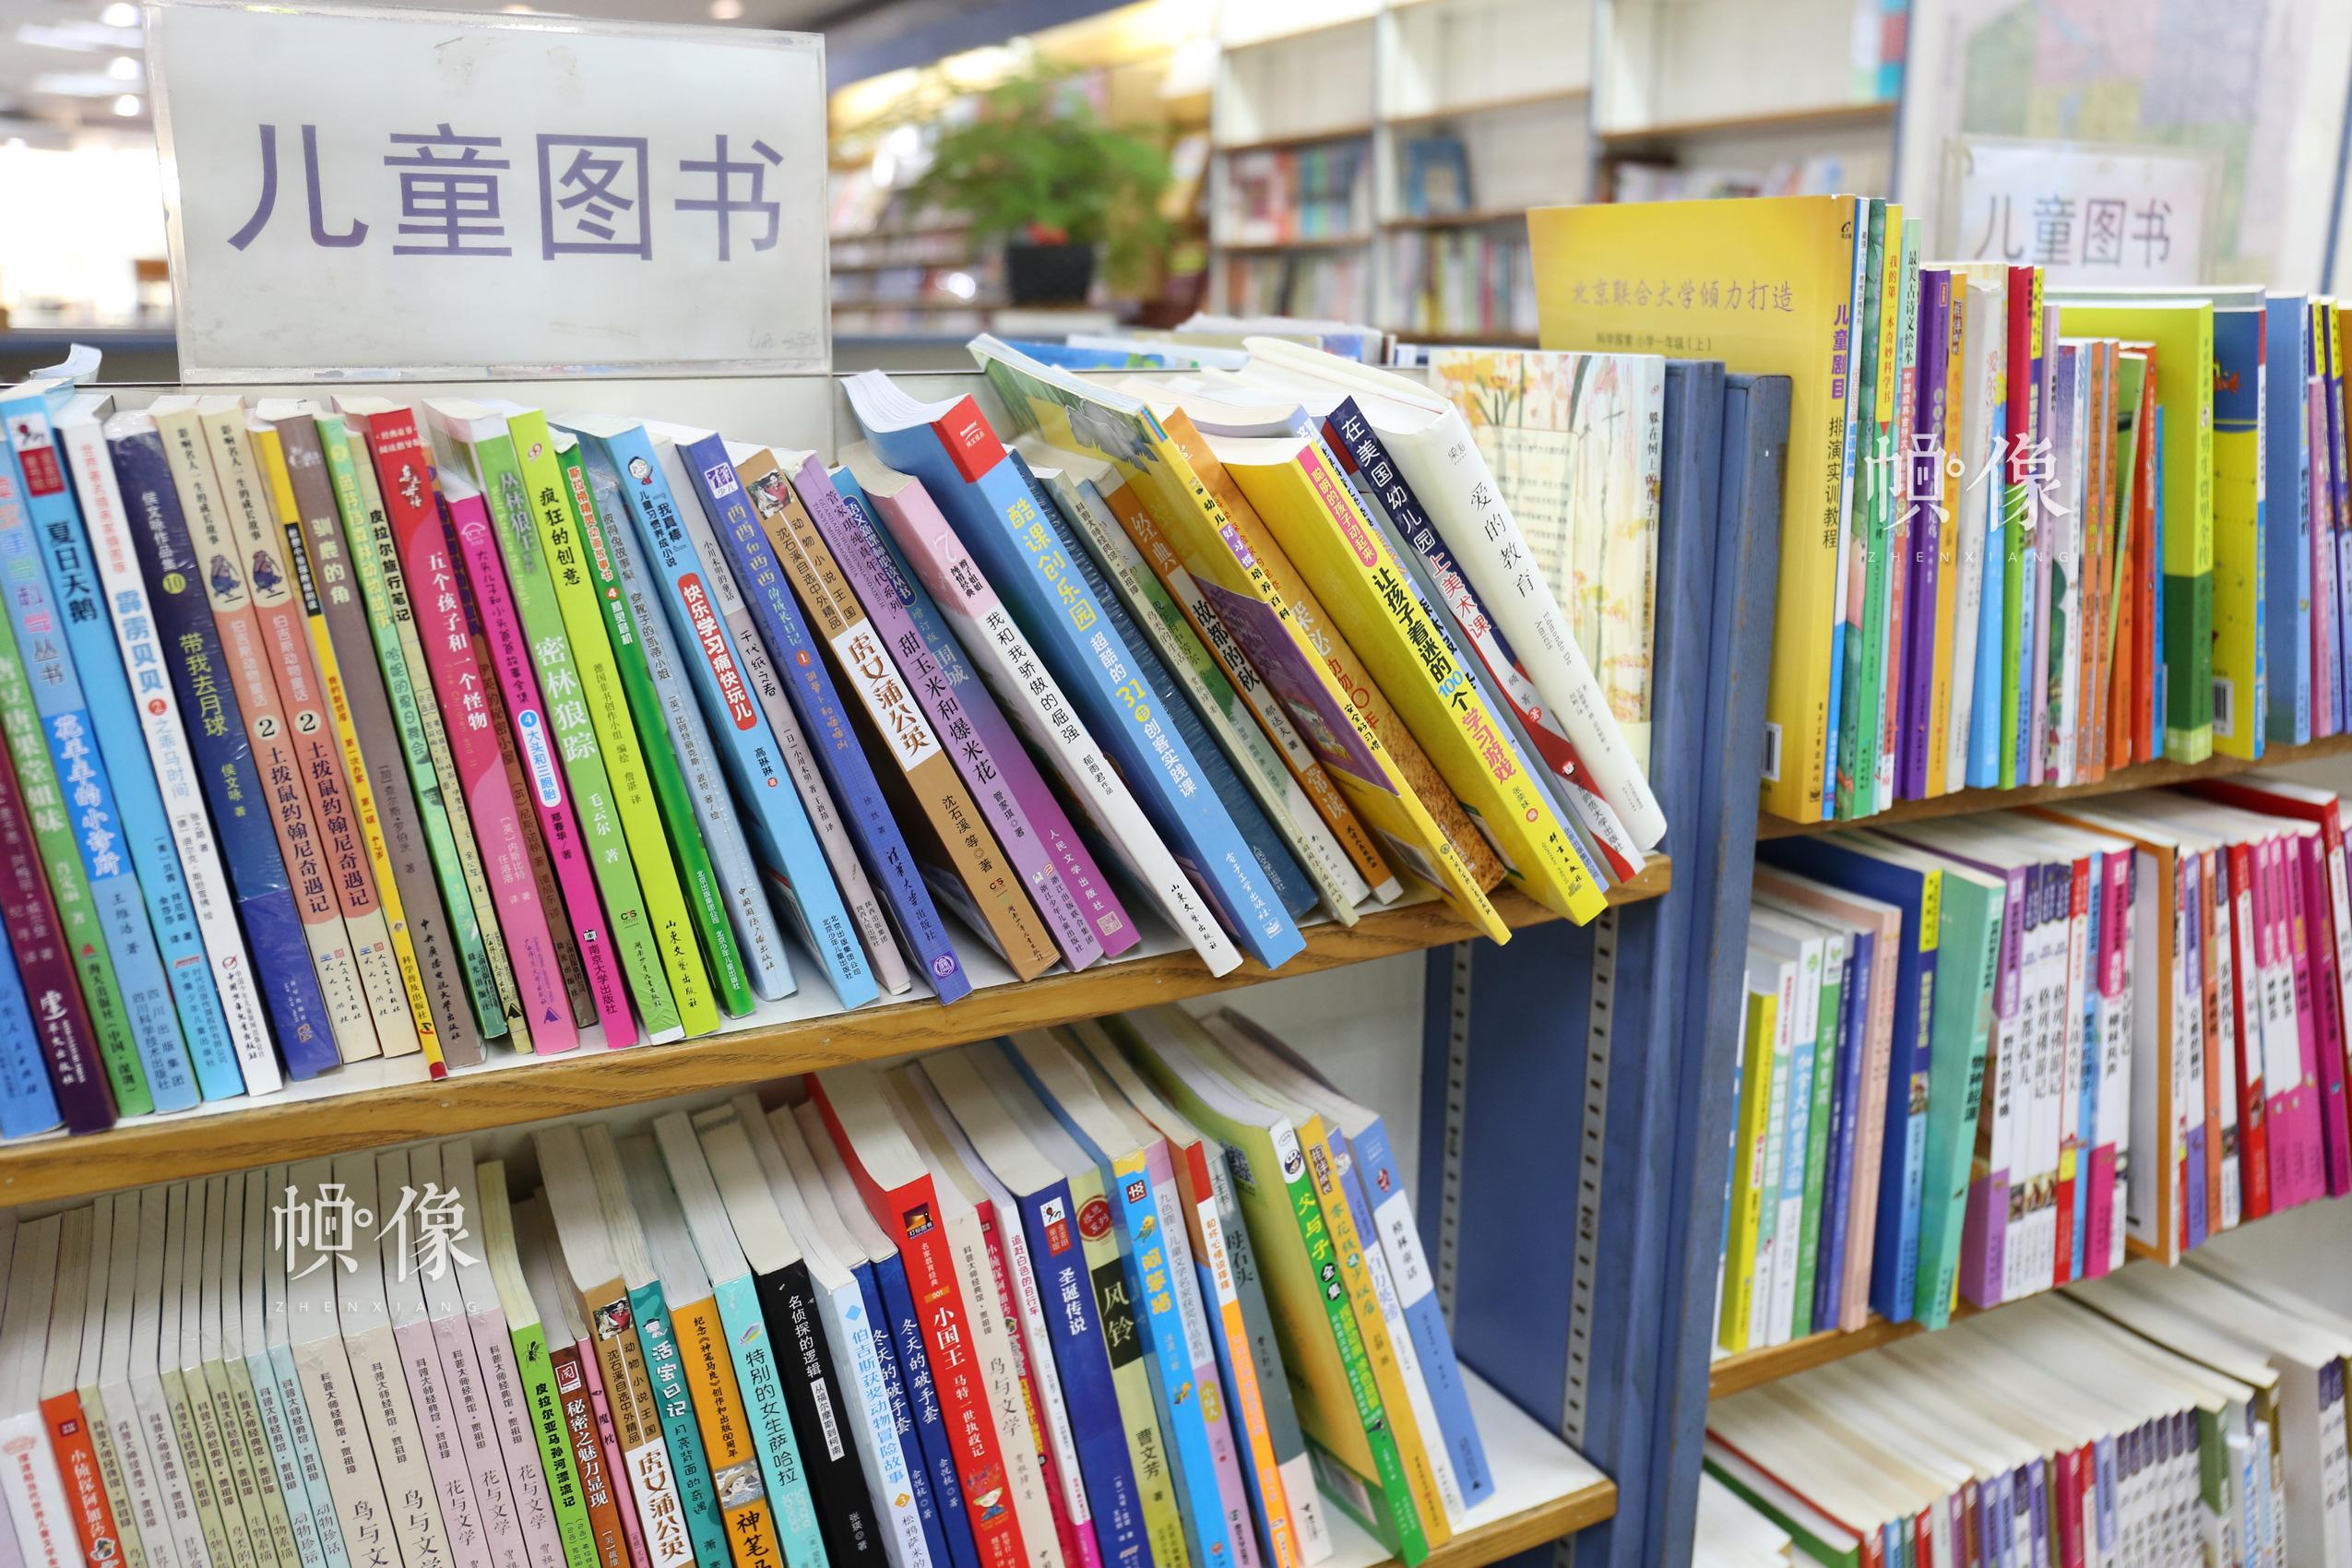 图为北京三联书店美术馆店一角陈列的儿童图书。 中国网记者 赵超 摄